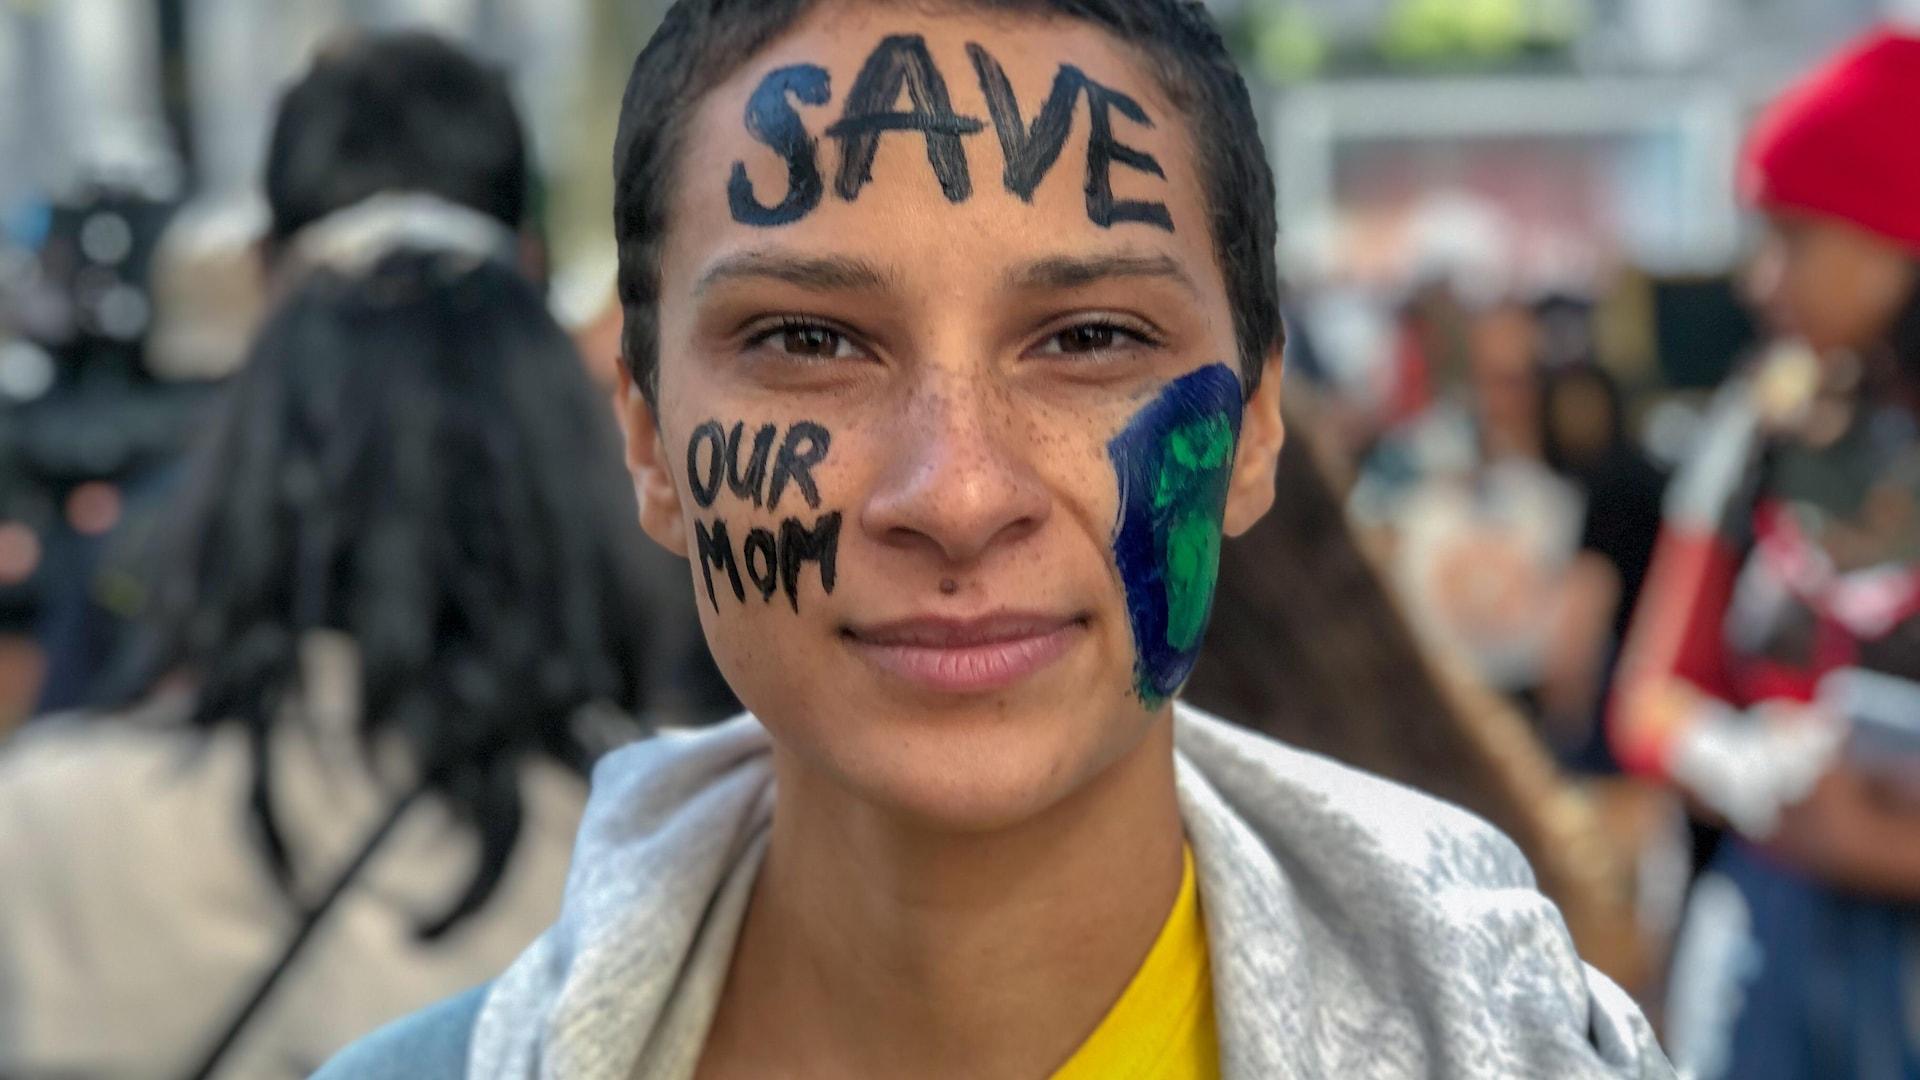 Un manifestant dont le visage a été peint et sur lequel il est écrit «sauvez notre mère».